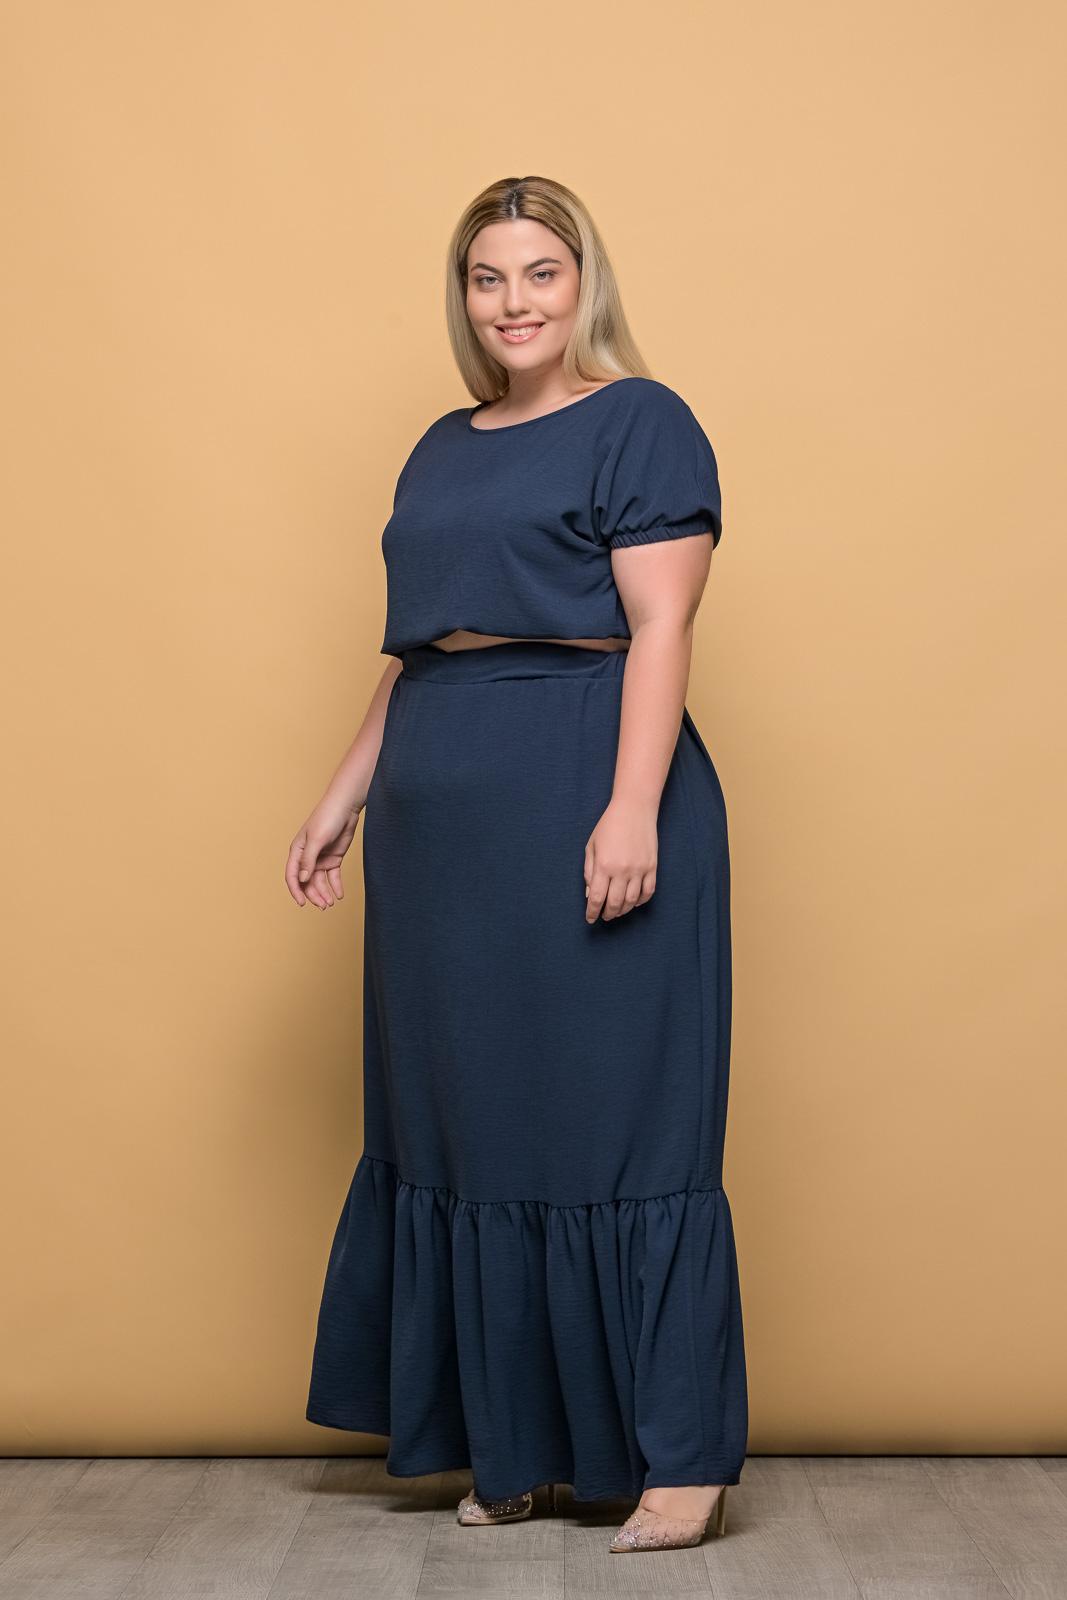 Φούστα maxi με φραμπαλά σε 2 χρώματα